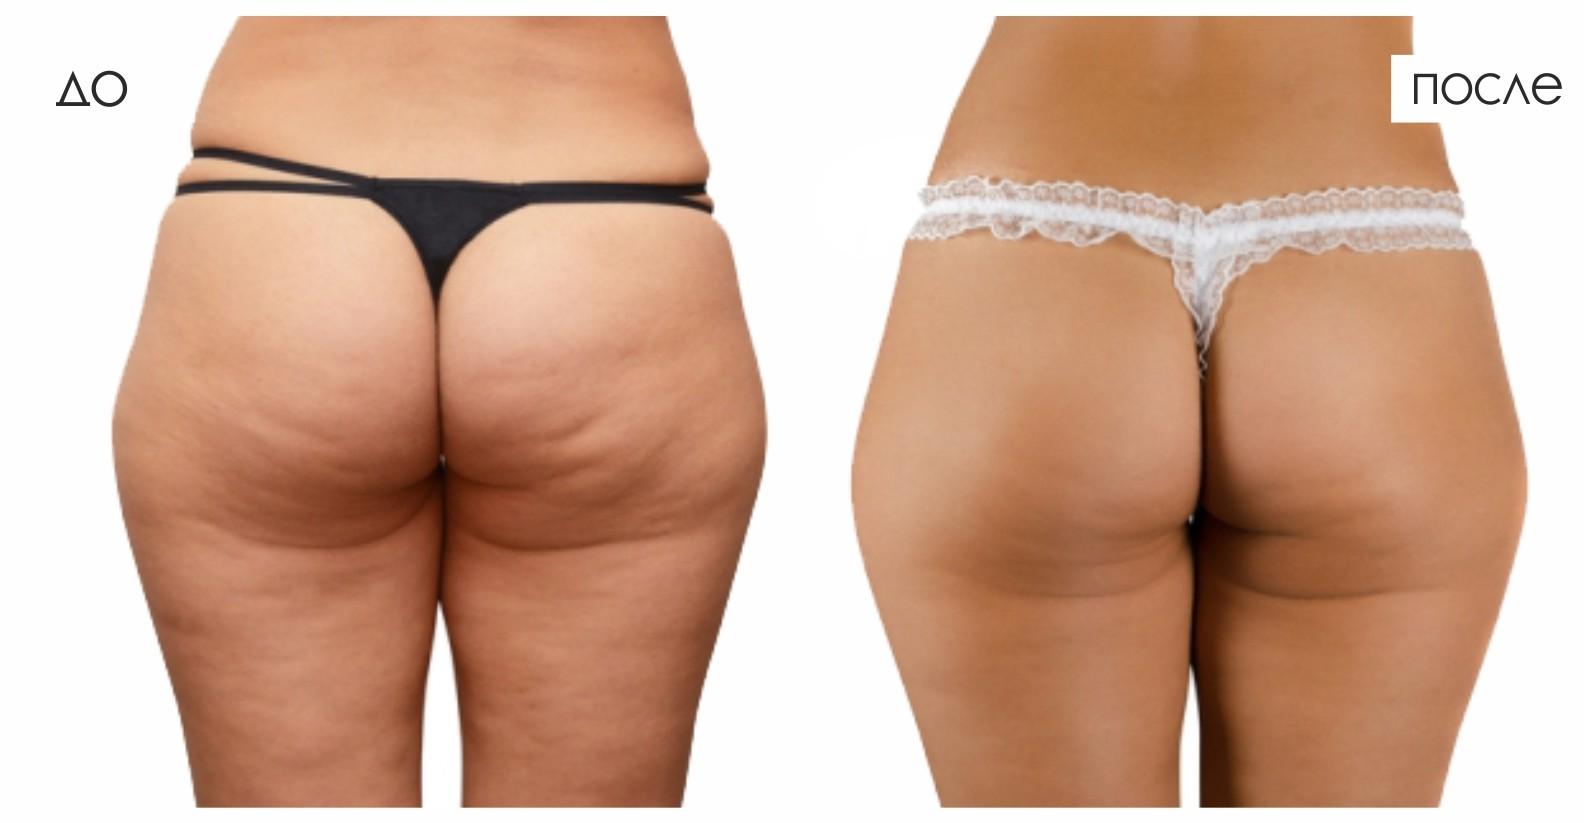 Фотографии большой жопы и огромное задницы толстые попы